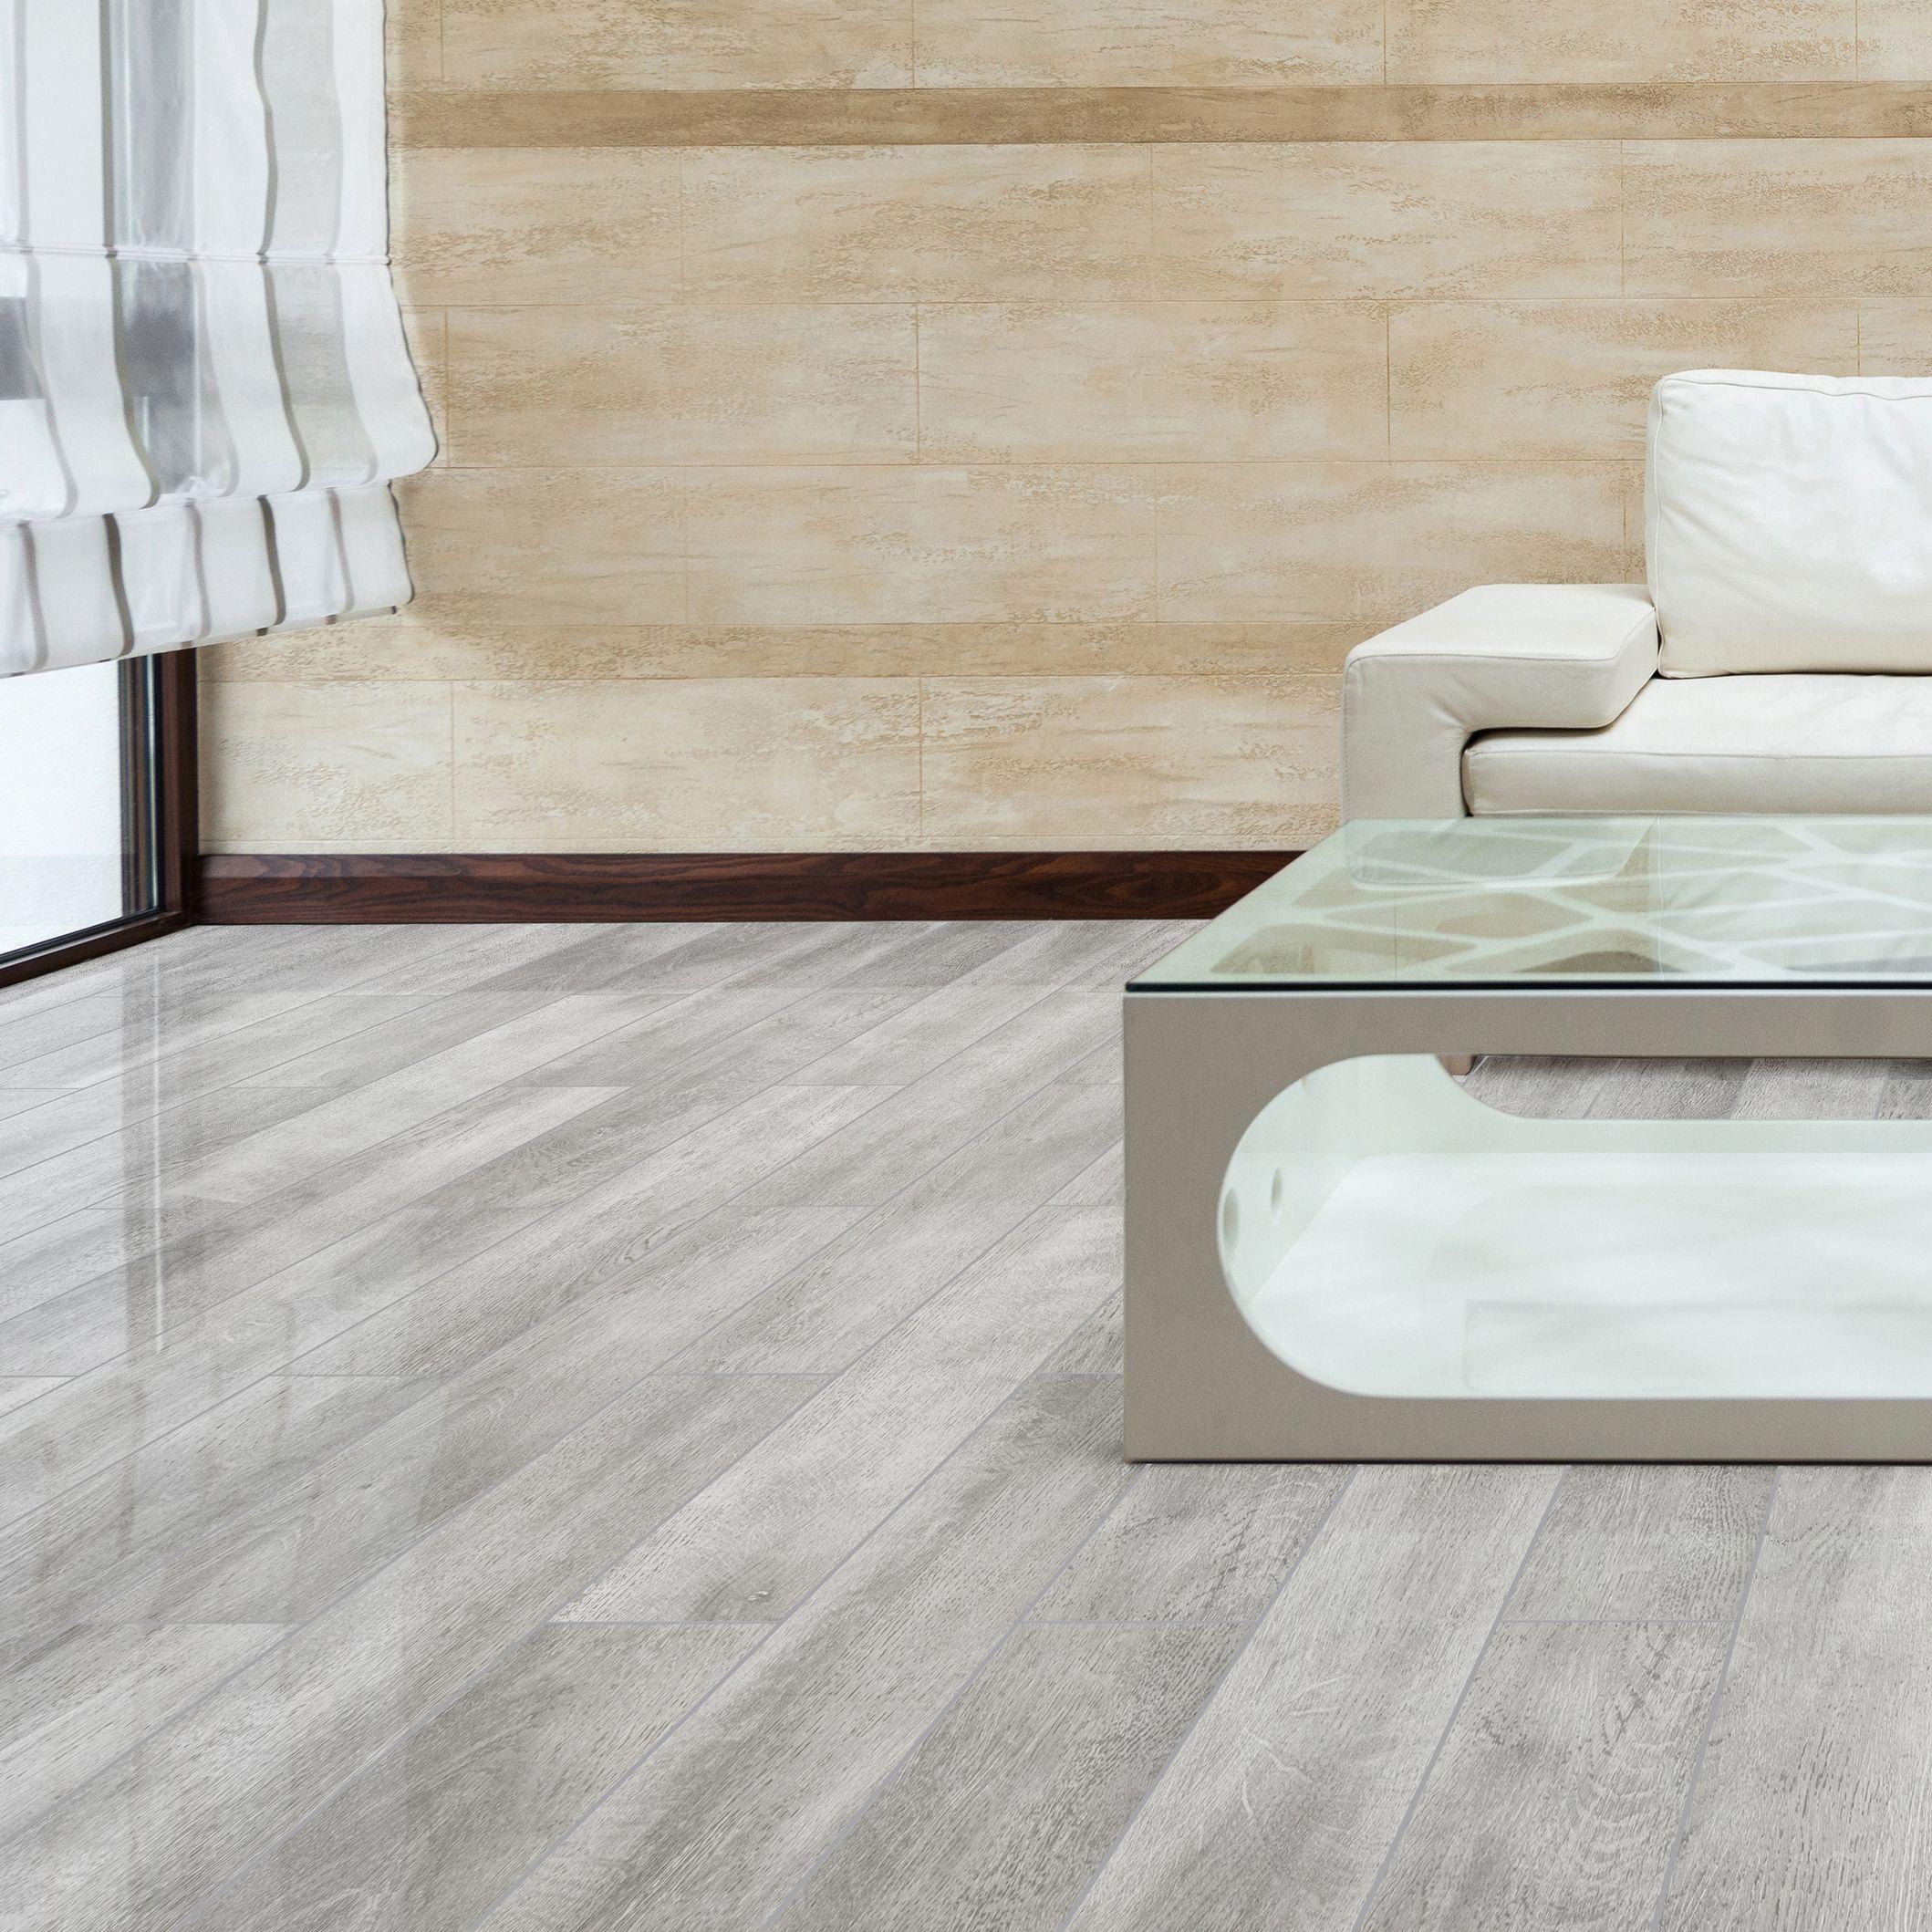 Grey Oak effect Laminate flooring 2.13 m² Pack | Departments | DIY at B&Q